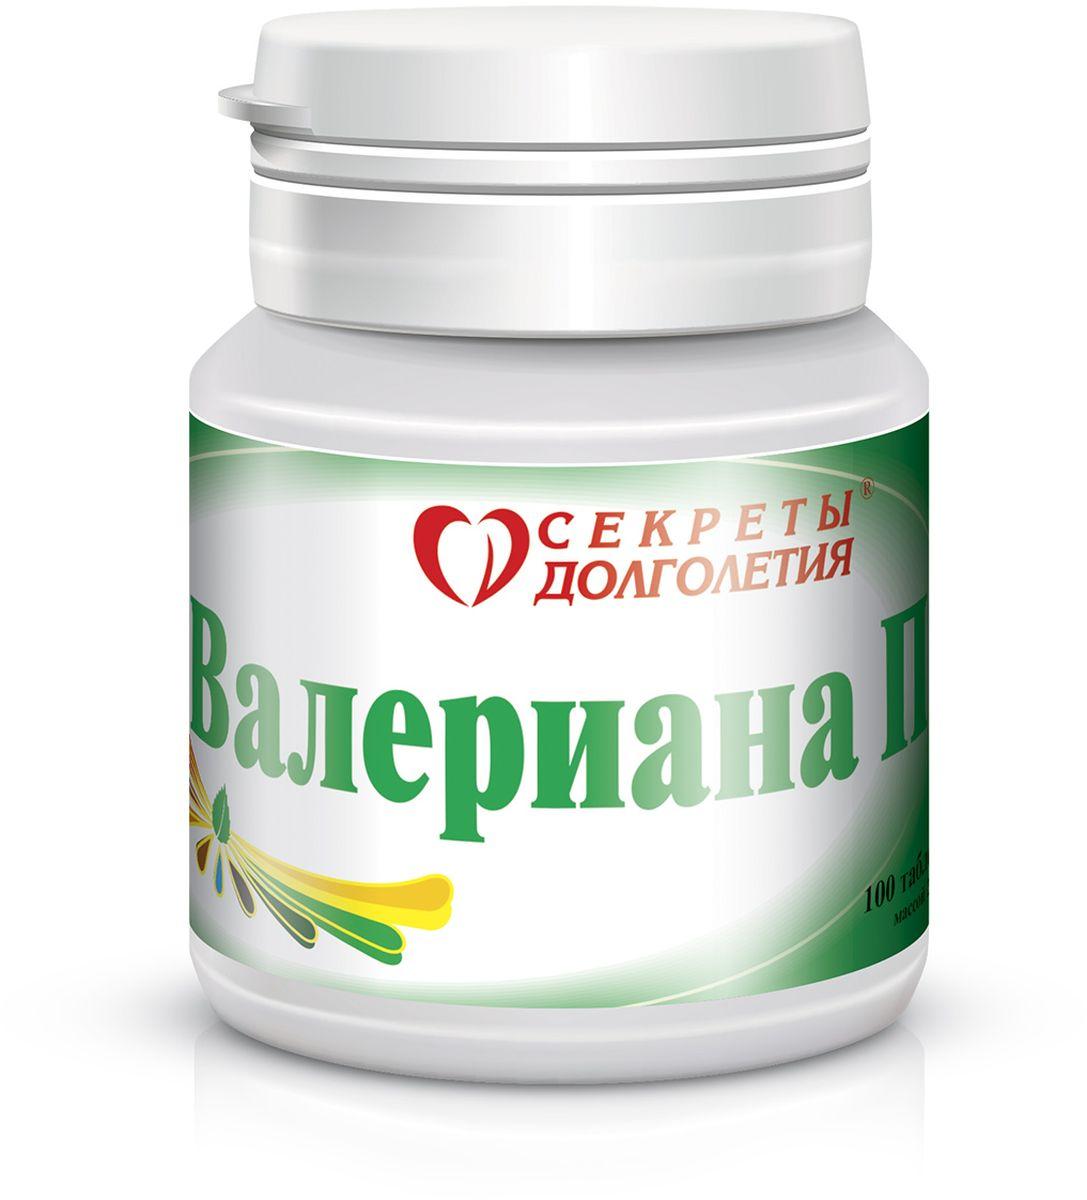 """Валериана П Секреты долголетия, 0,205 г, №10015032029""""Валериана П""""- успокаивающая рекомендуется для достижения длительного успокоительного эффекта при:нервном возбуждении,бесоннице, астме, тахикардии, неврозах,для снижения давления при гипертонии 1 или 2 степенинервных заболеваниях желудка и кишечника,нейродермитах,судорогах, спазмах, истерии, ишиасе,эпилепсии,головной боли на нервной почве, мигрени,климактерических расстройствах."""